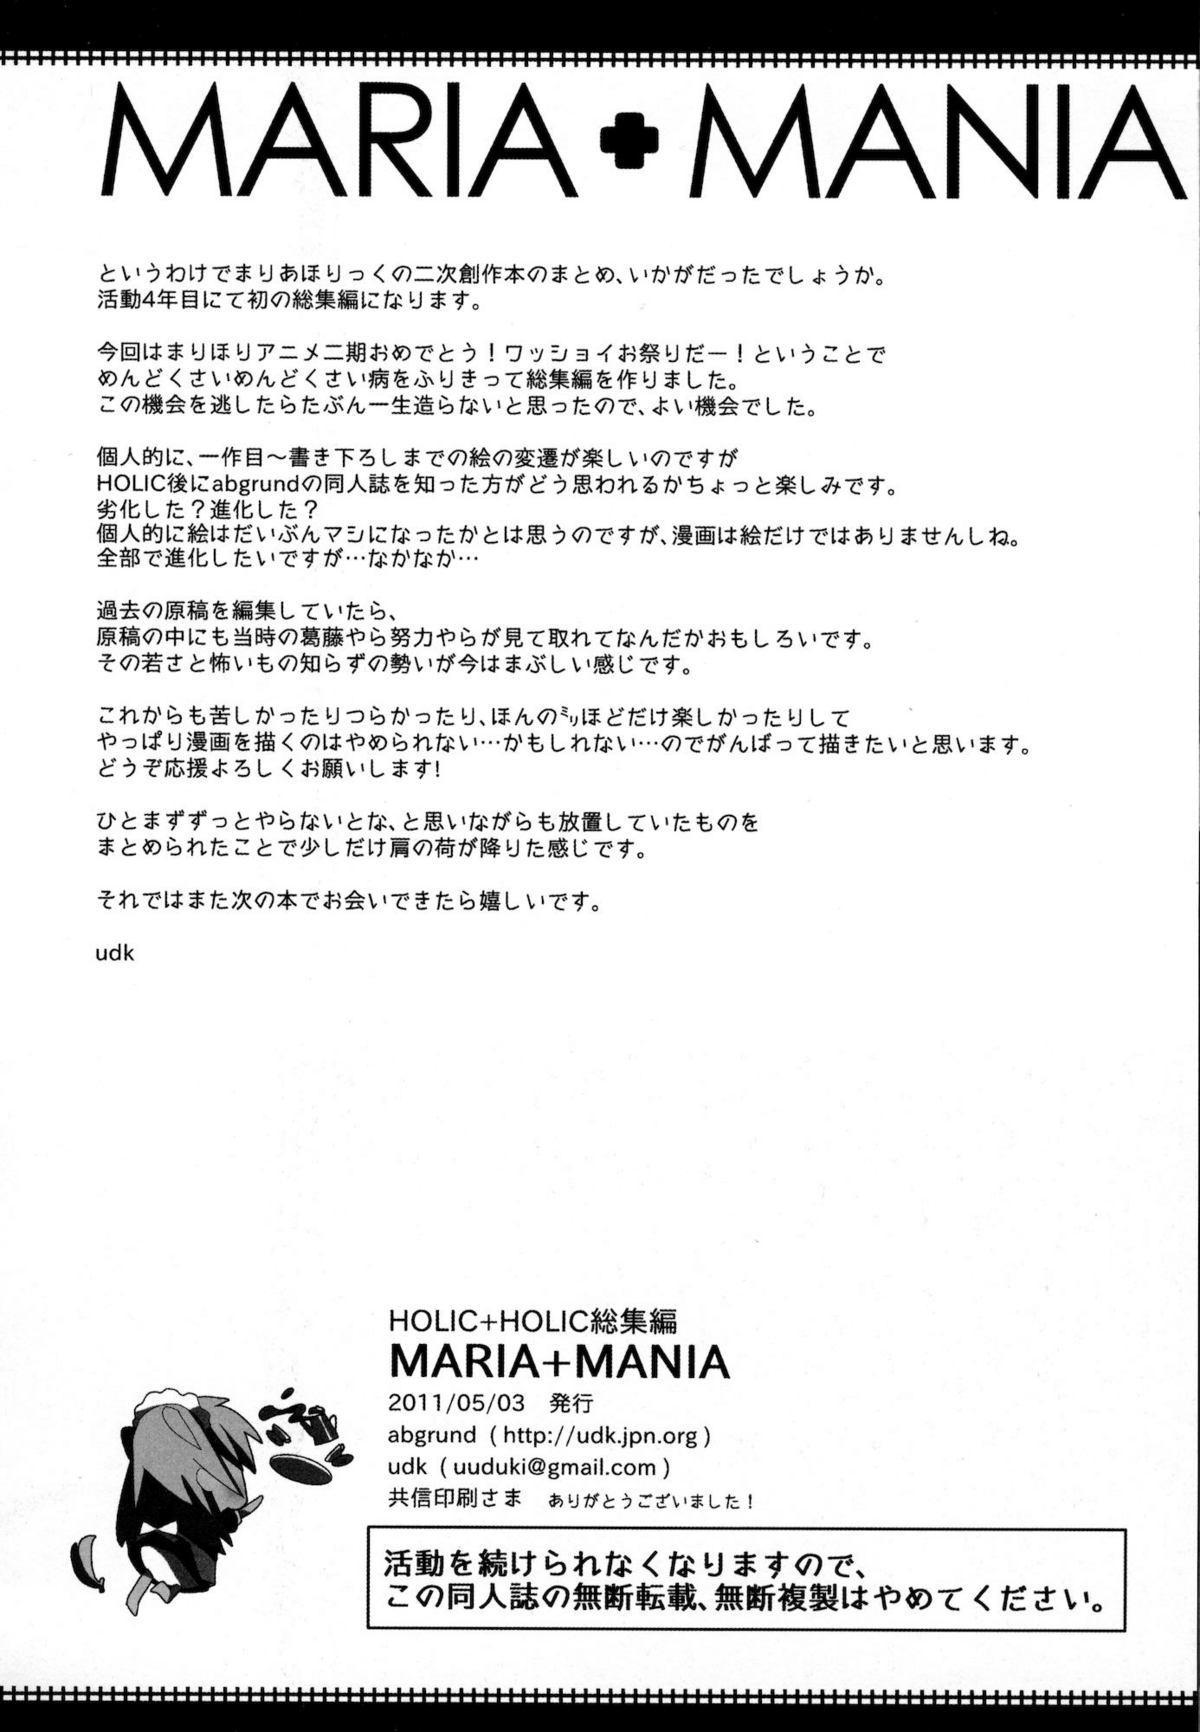 MARIA+MANIA 116